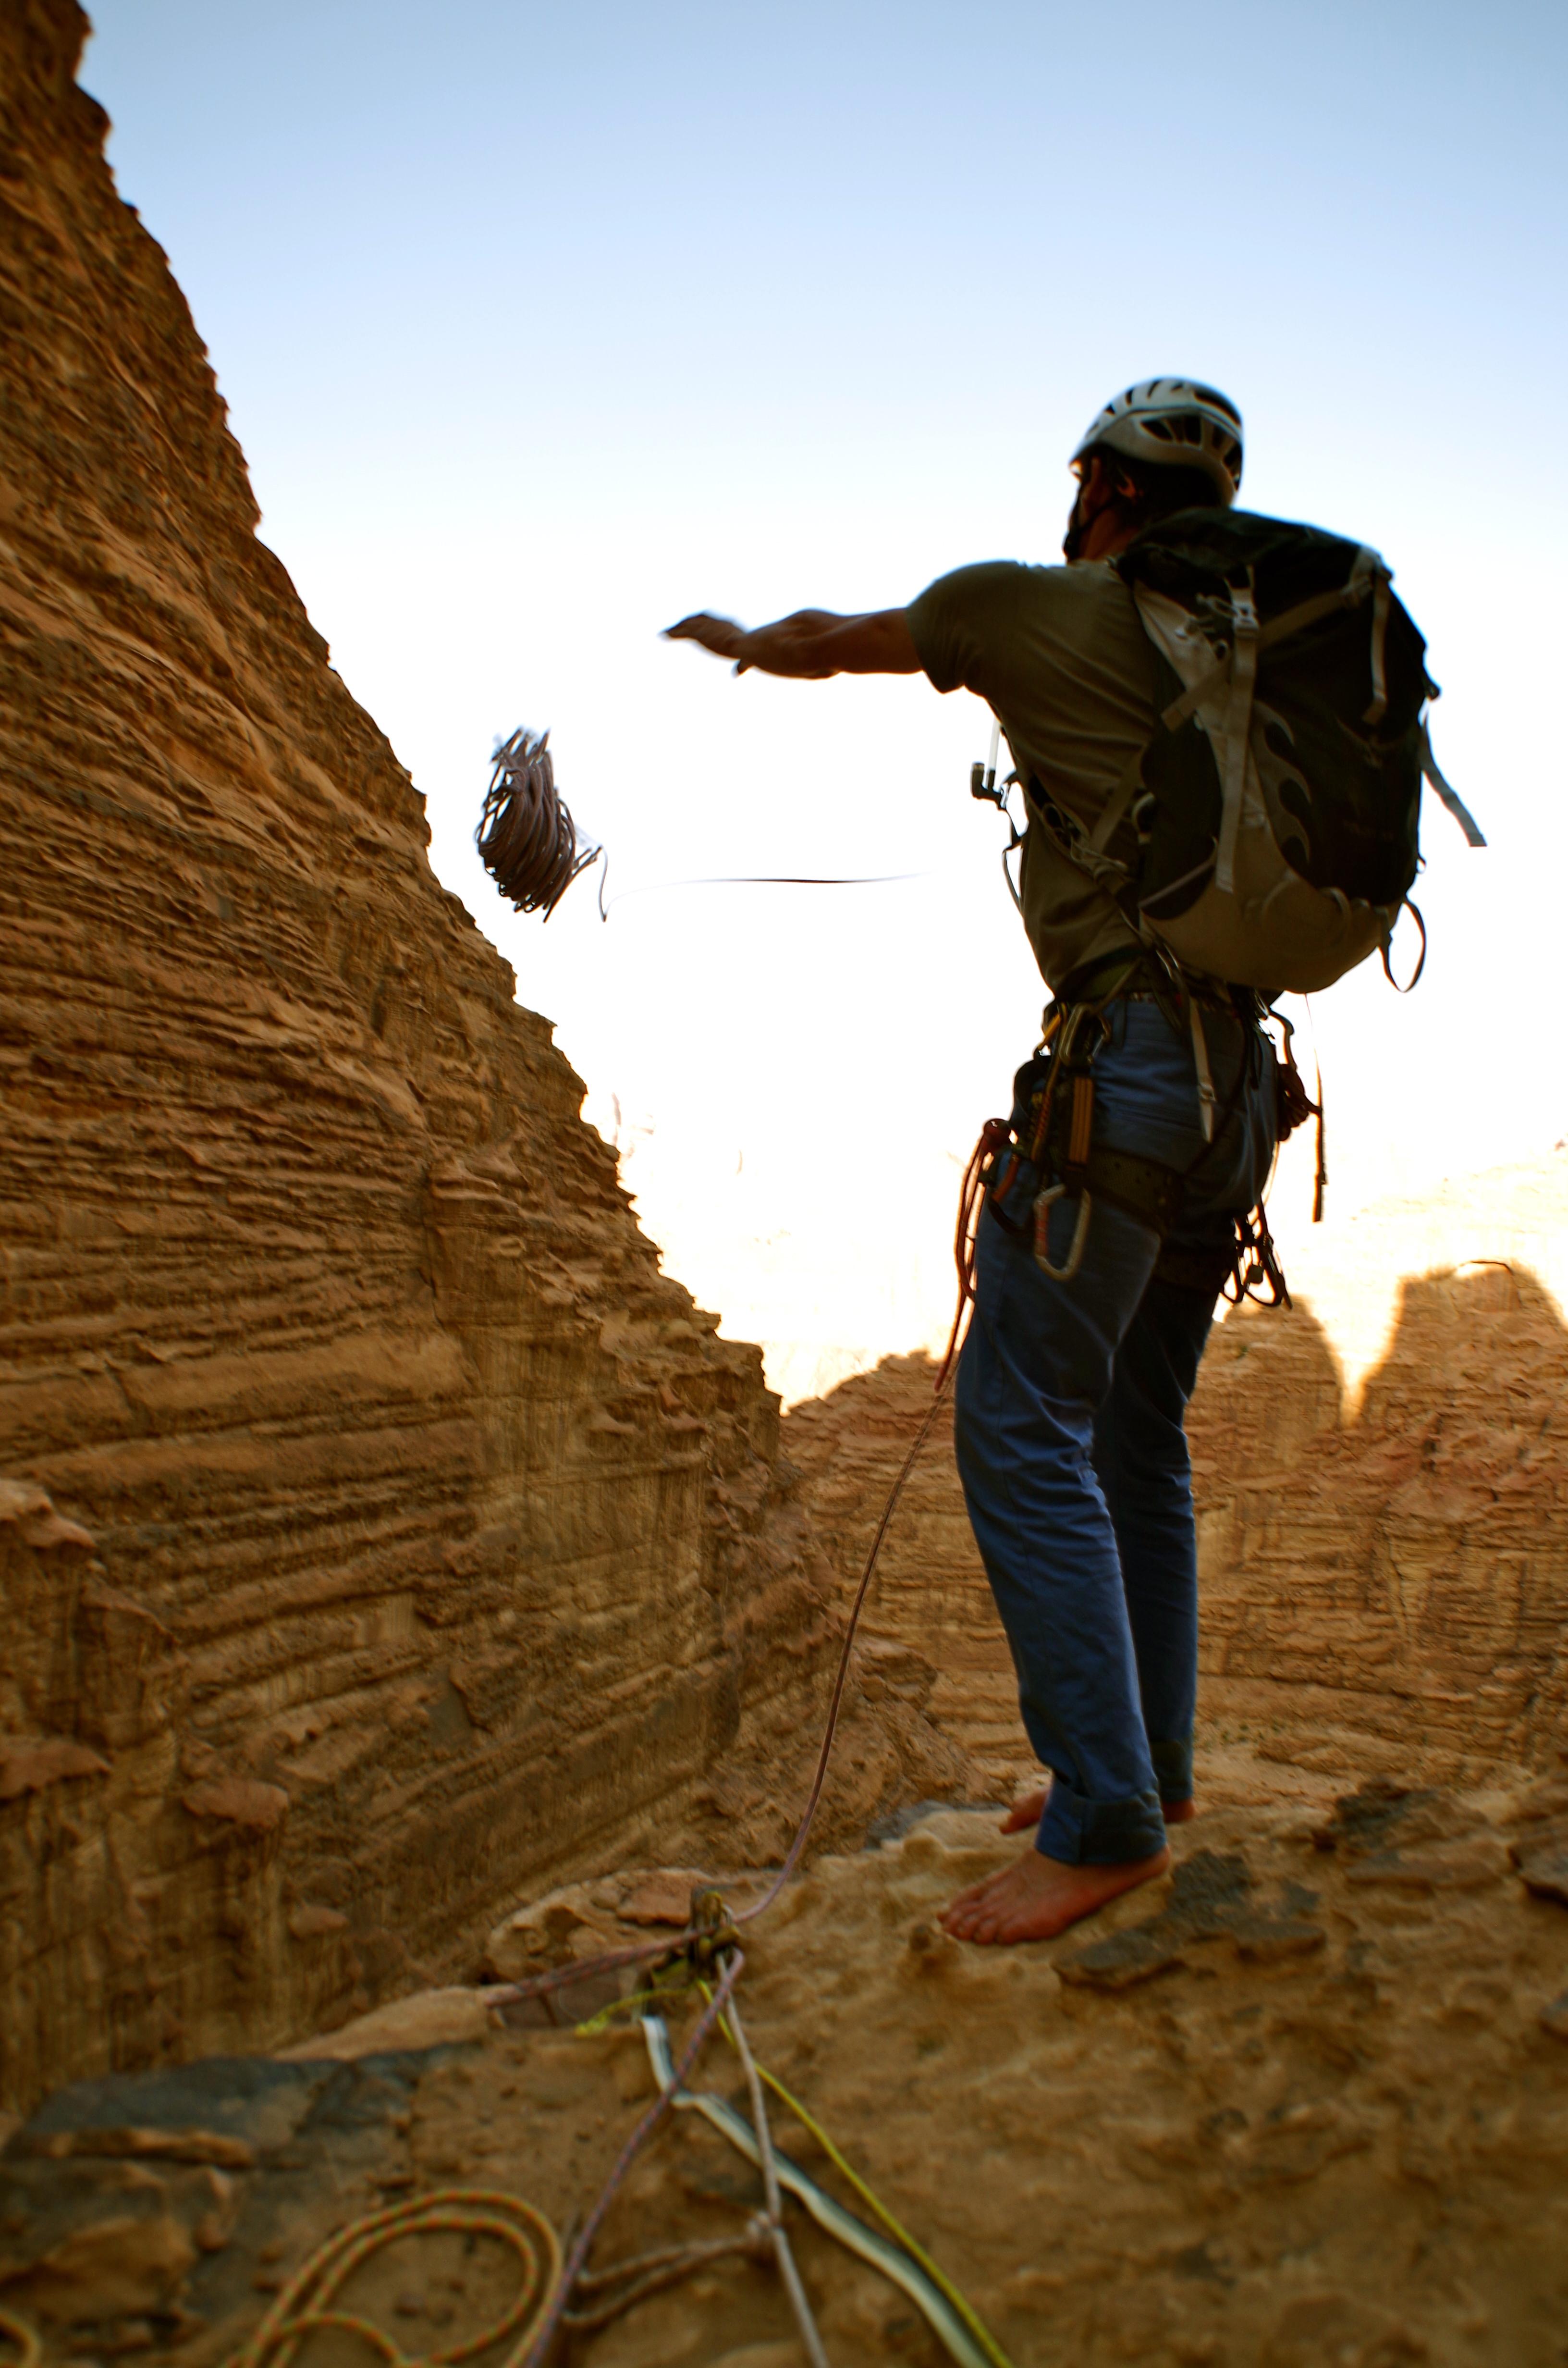 grande voie jordanie wadi rum